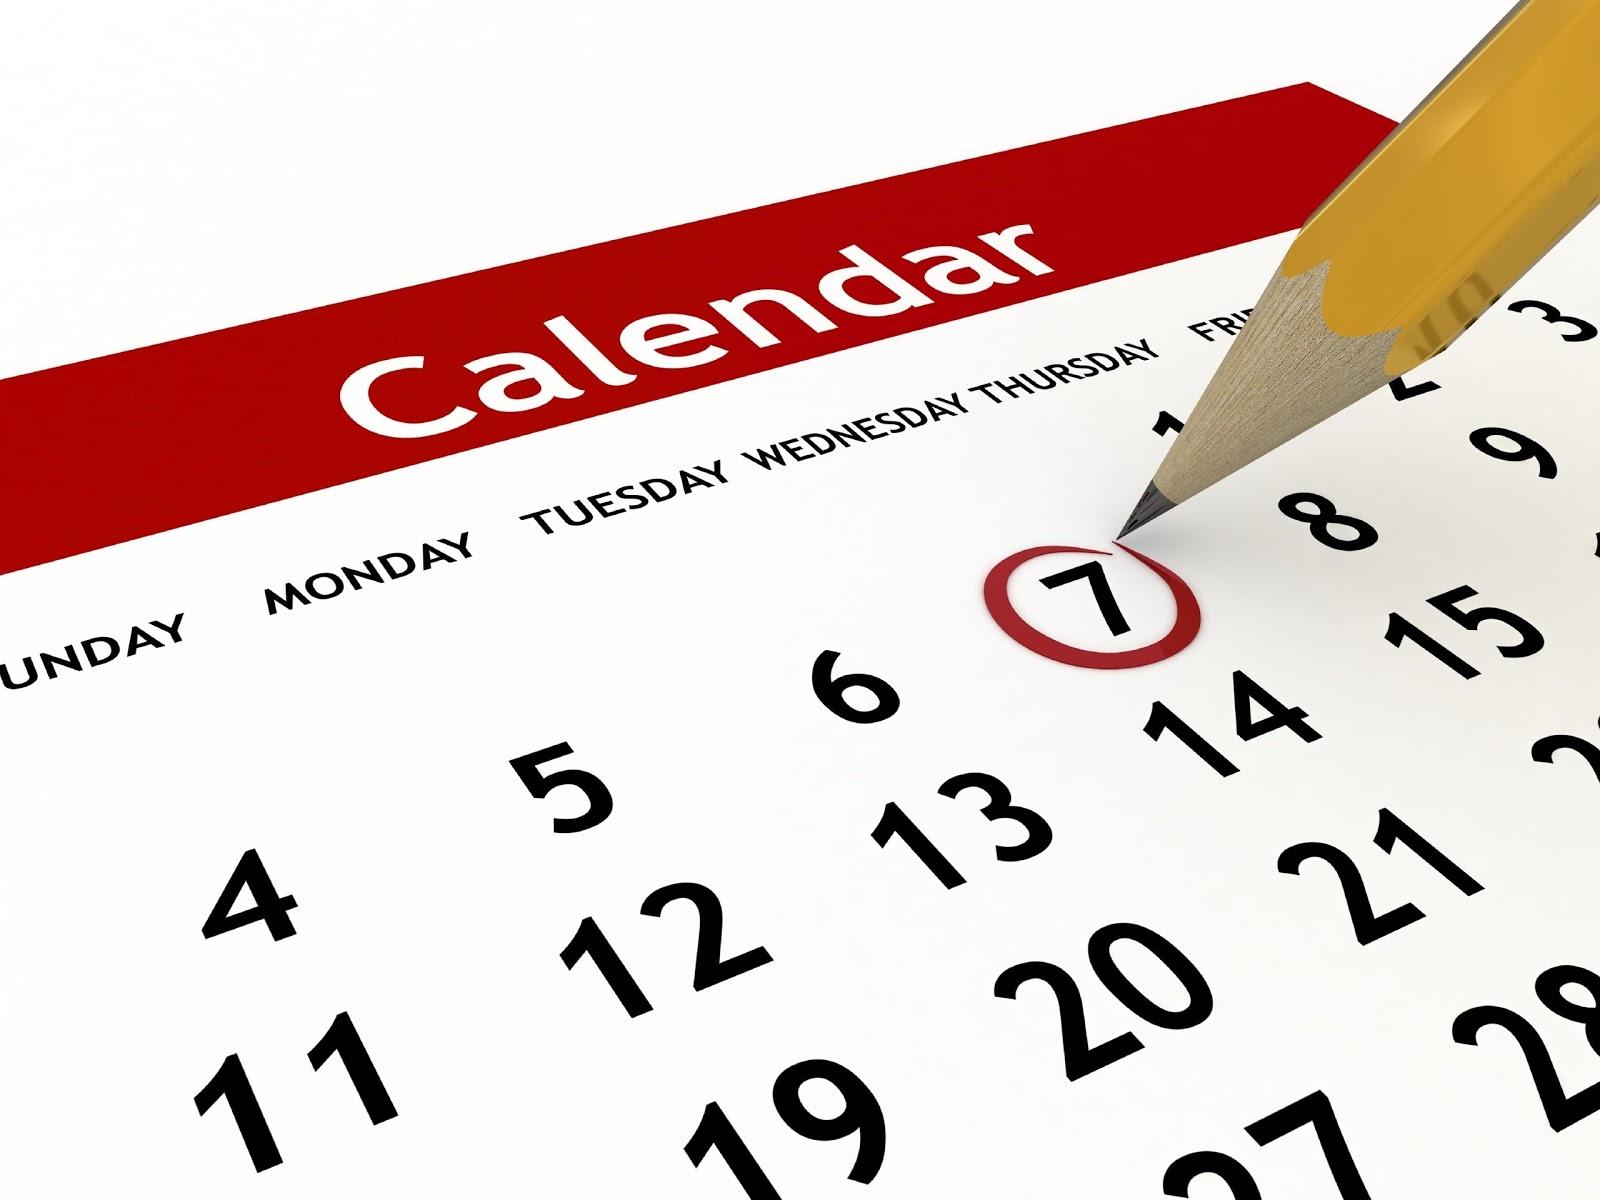 Calendario delle TUE Attività